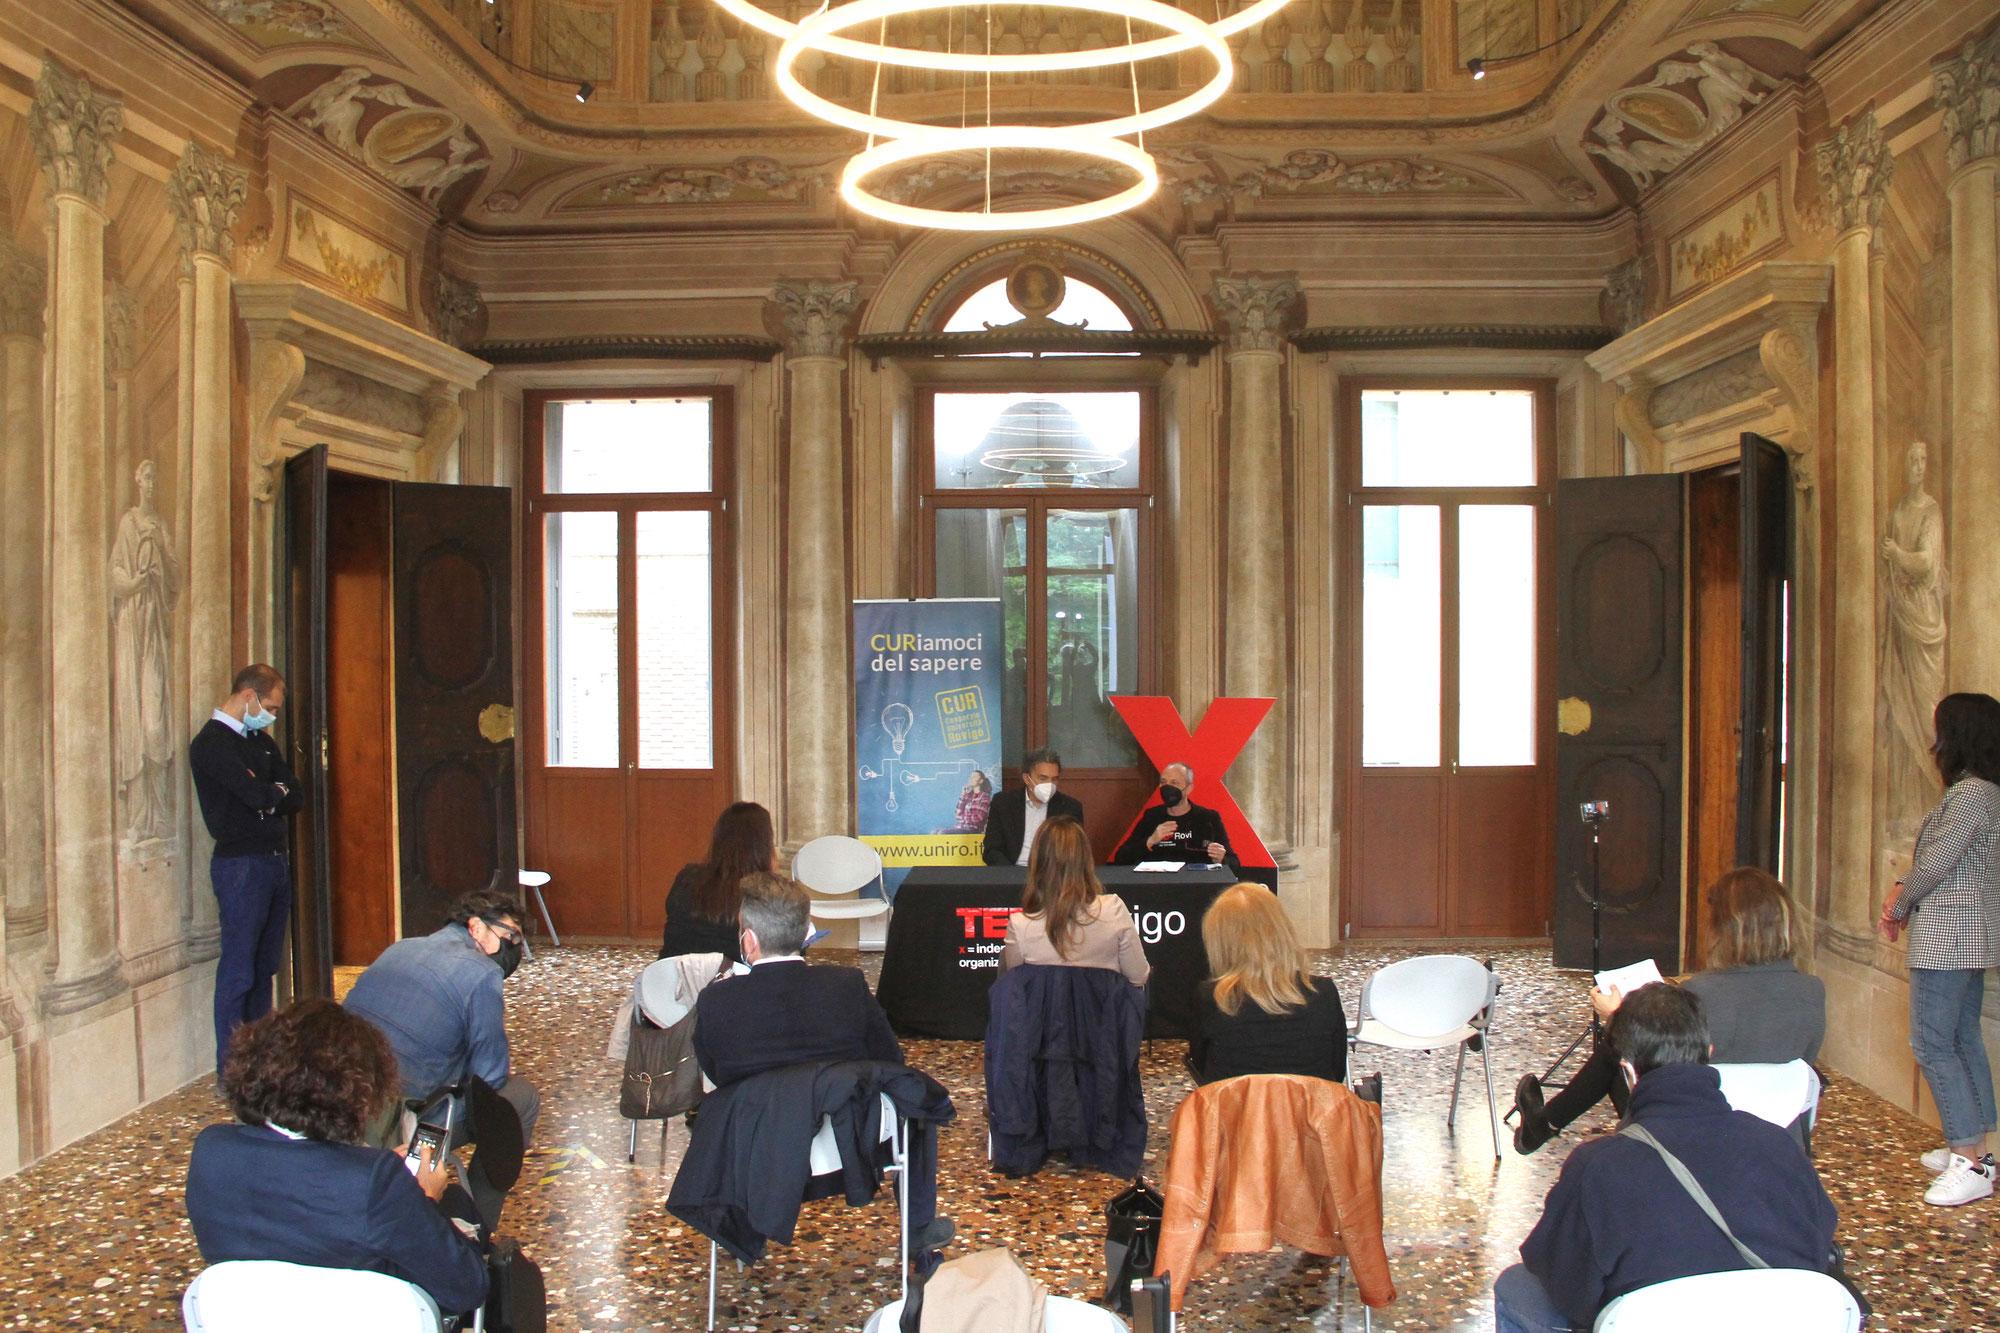 1 Maggio con il TEDx Rovigo in streaming